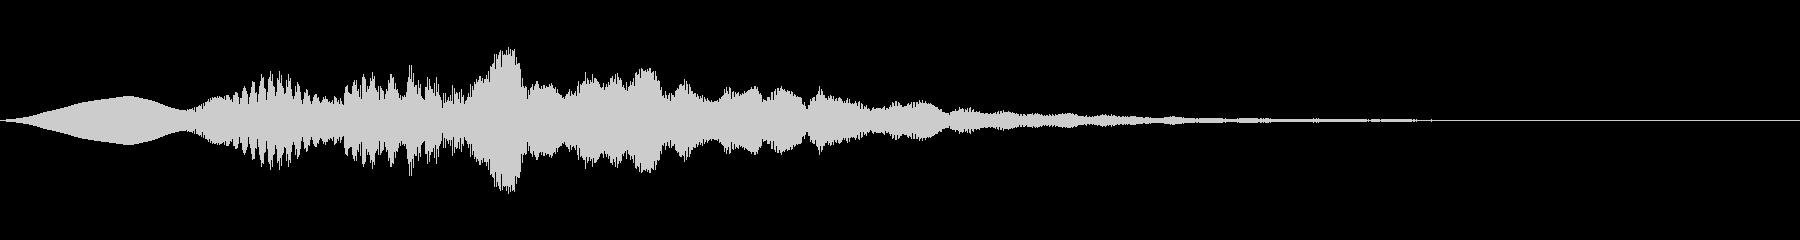 回想や考え事の効果音「ふぉわふぉわん」の未再生の波形